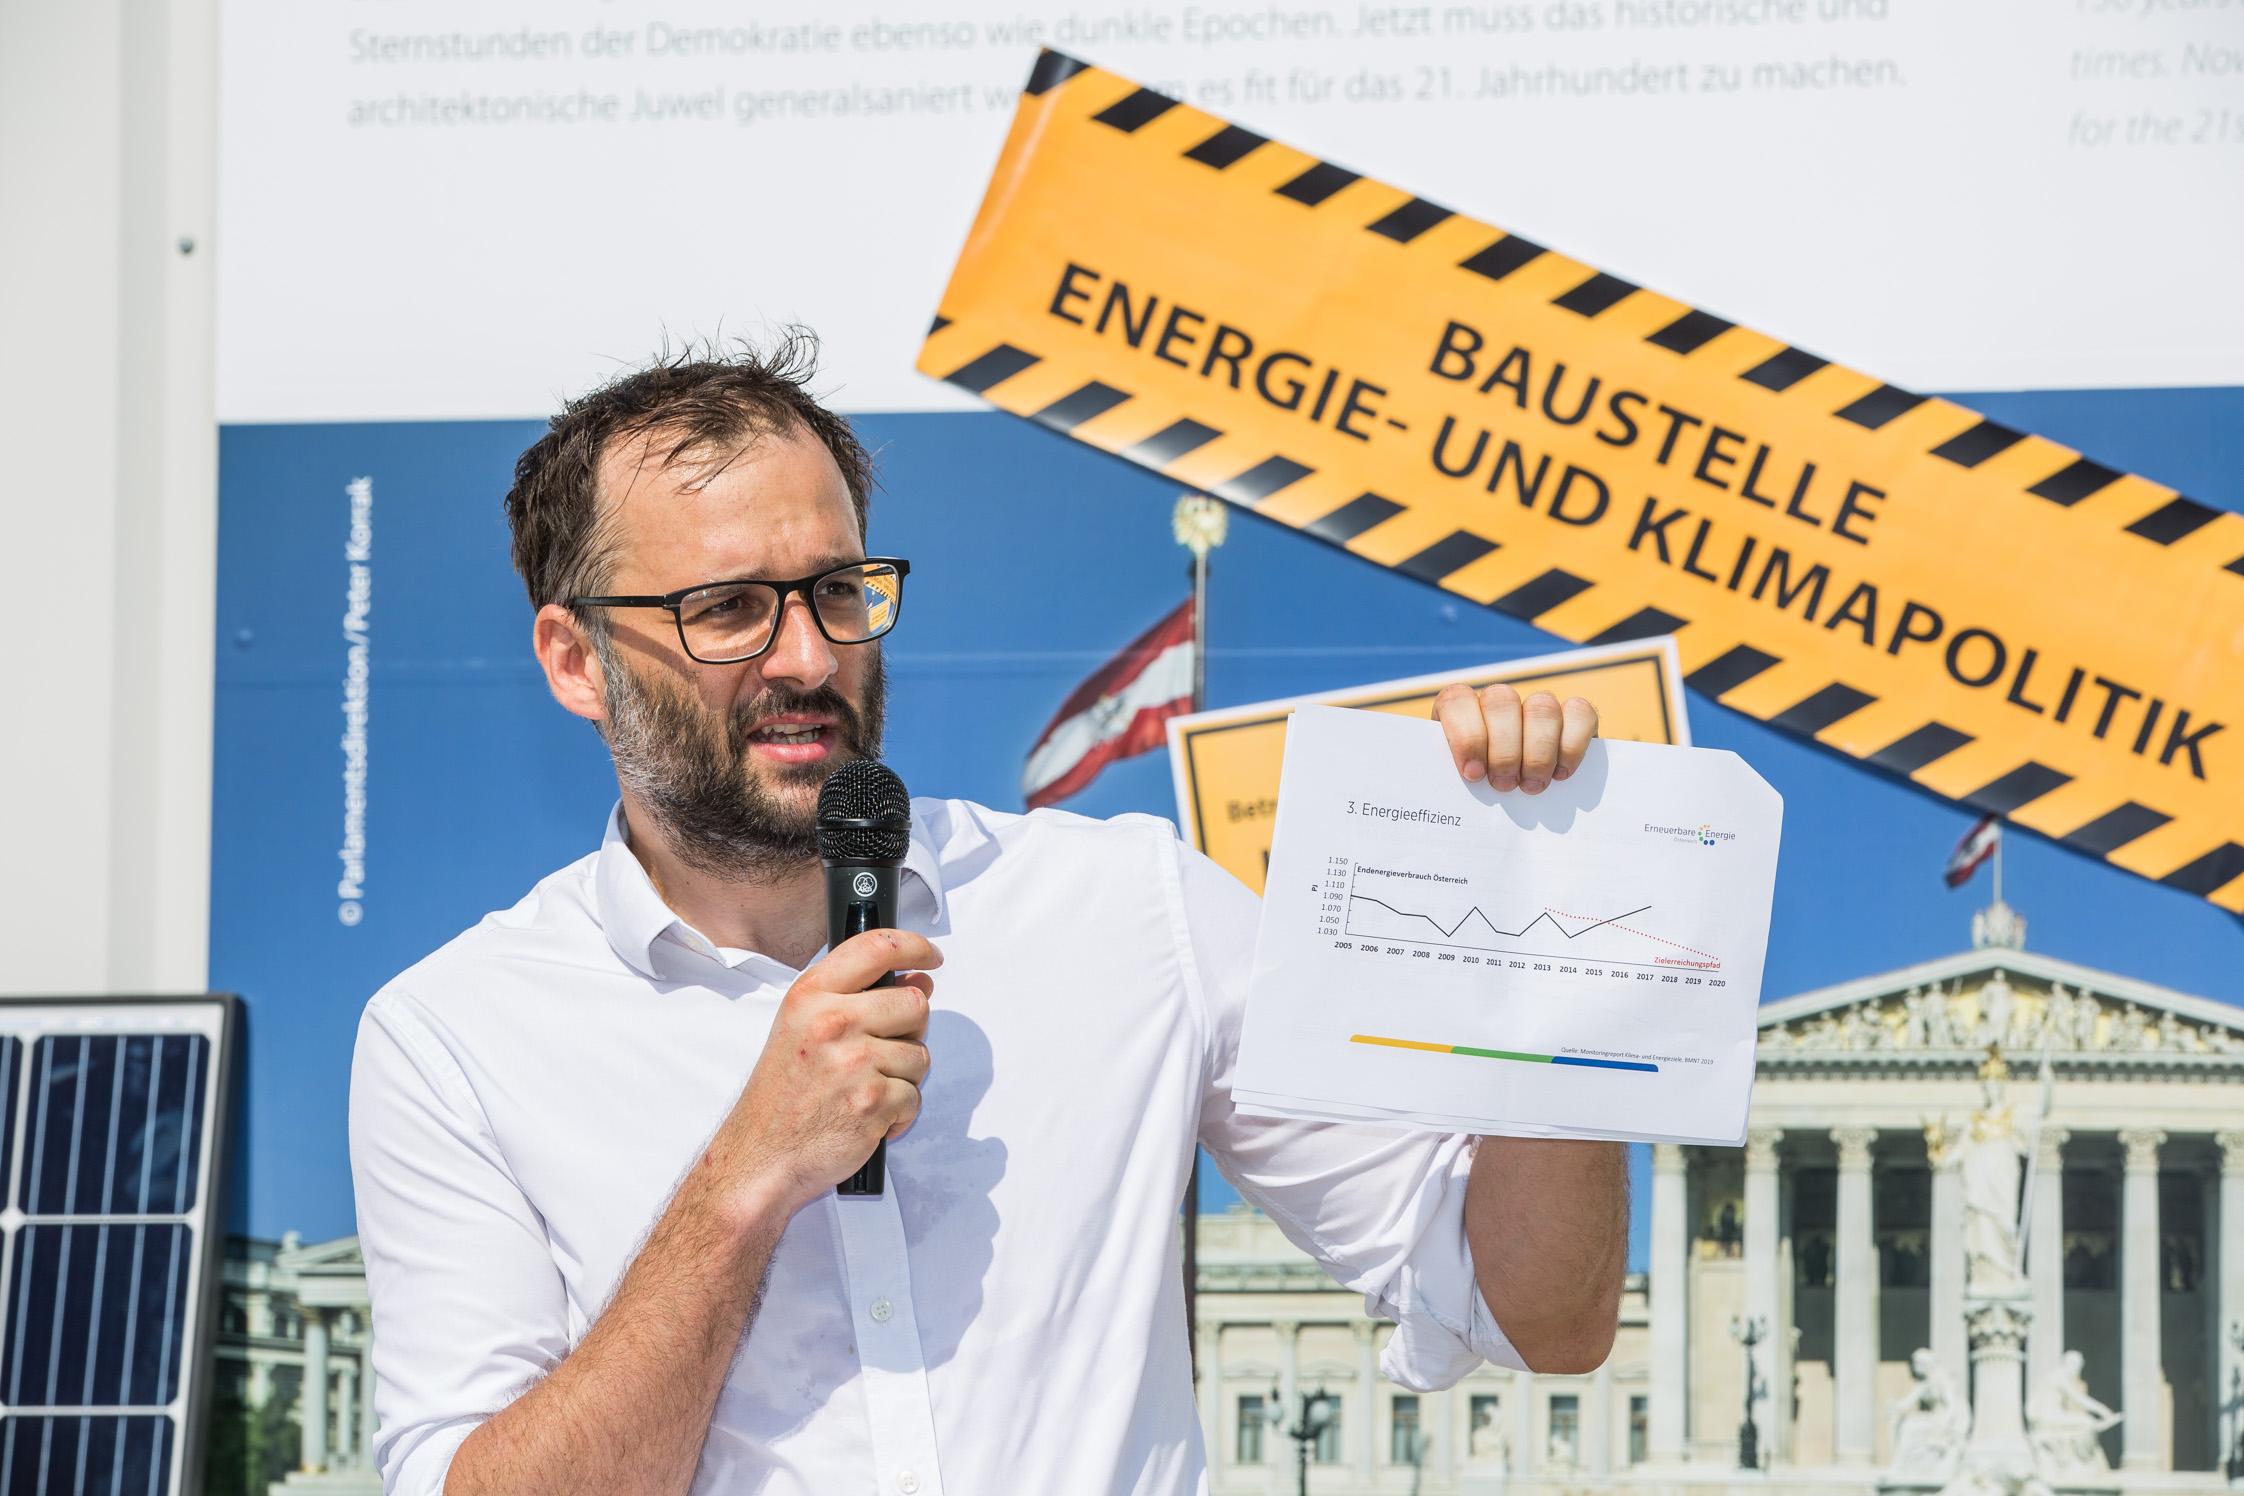 PK_Klimapolitik_043.jpg